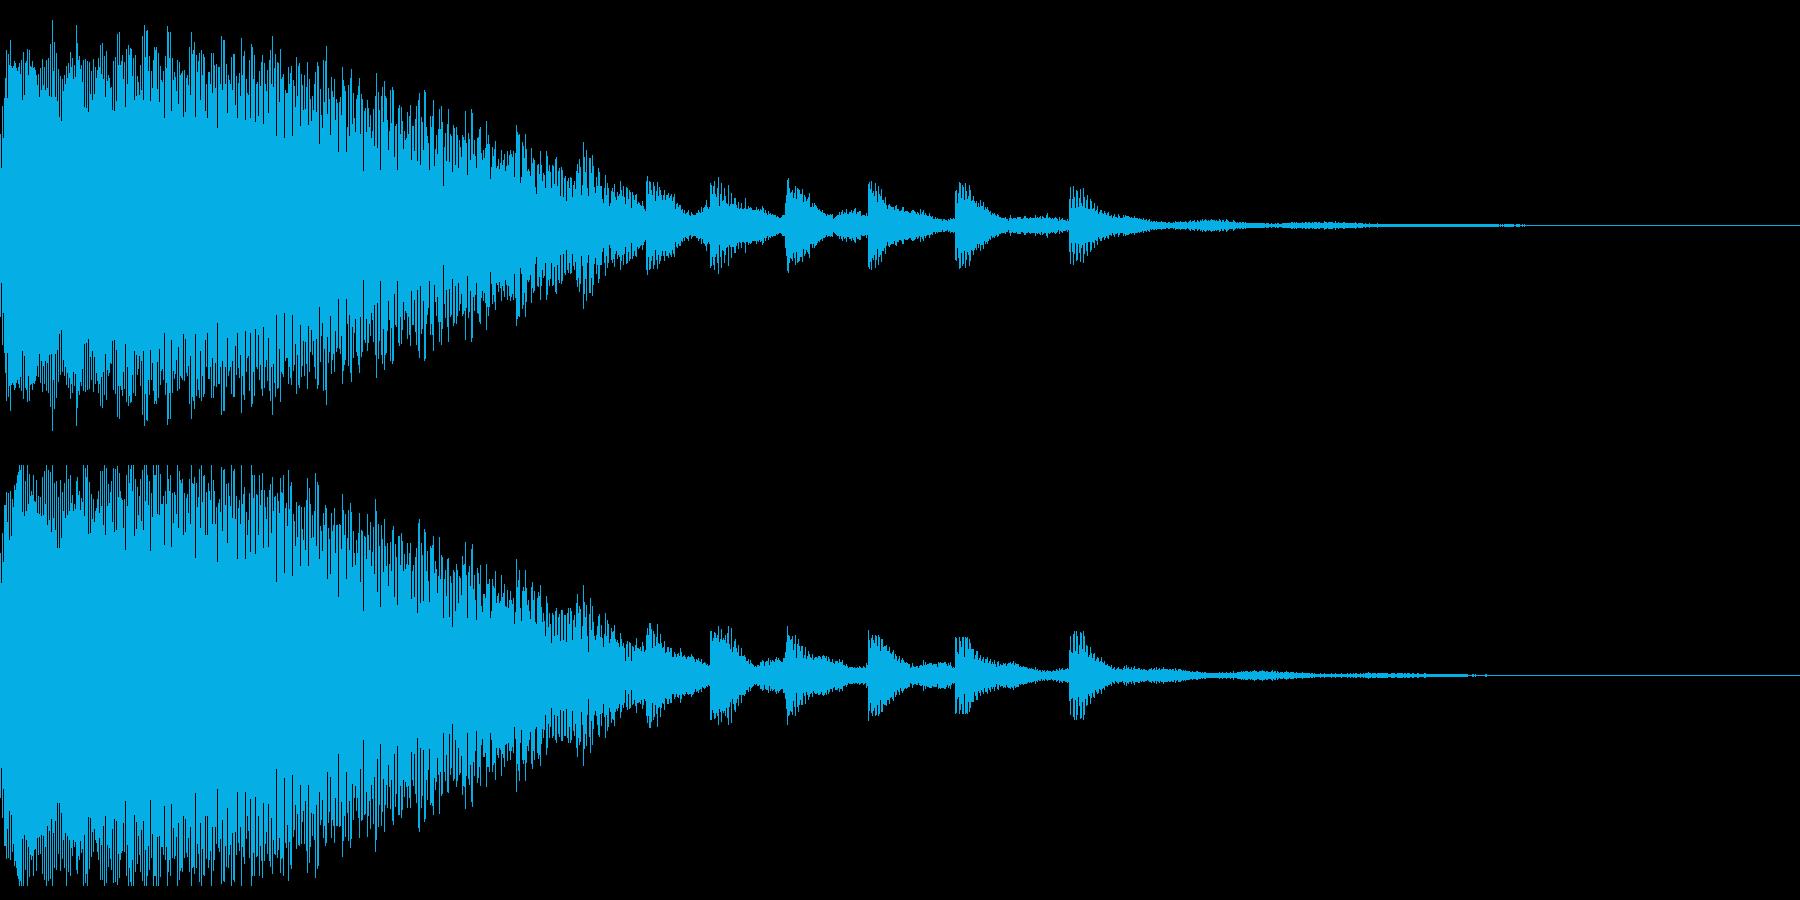 ルーレットのようなインパクト音の再生済みの波形